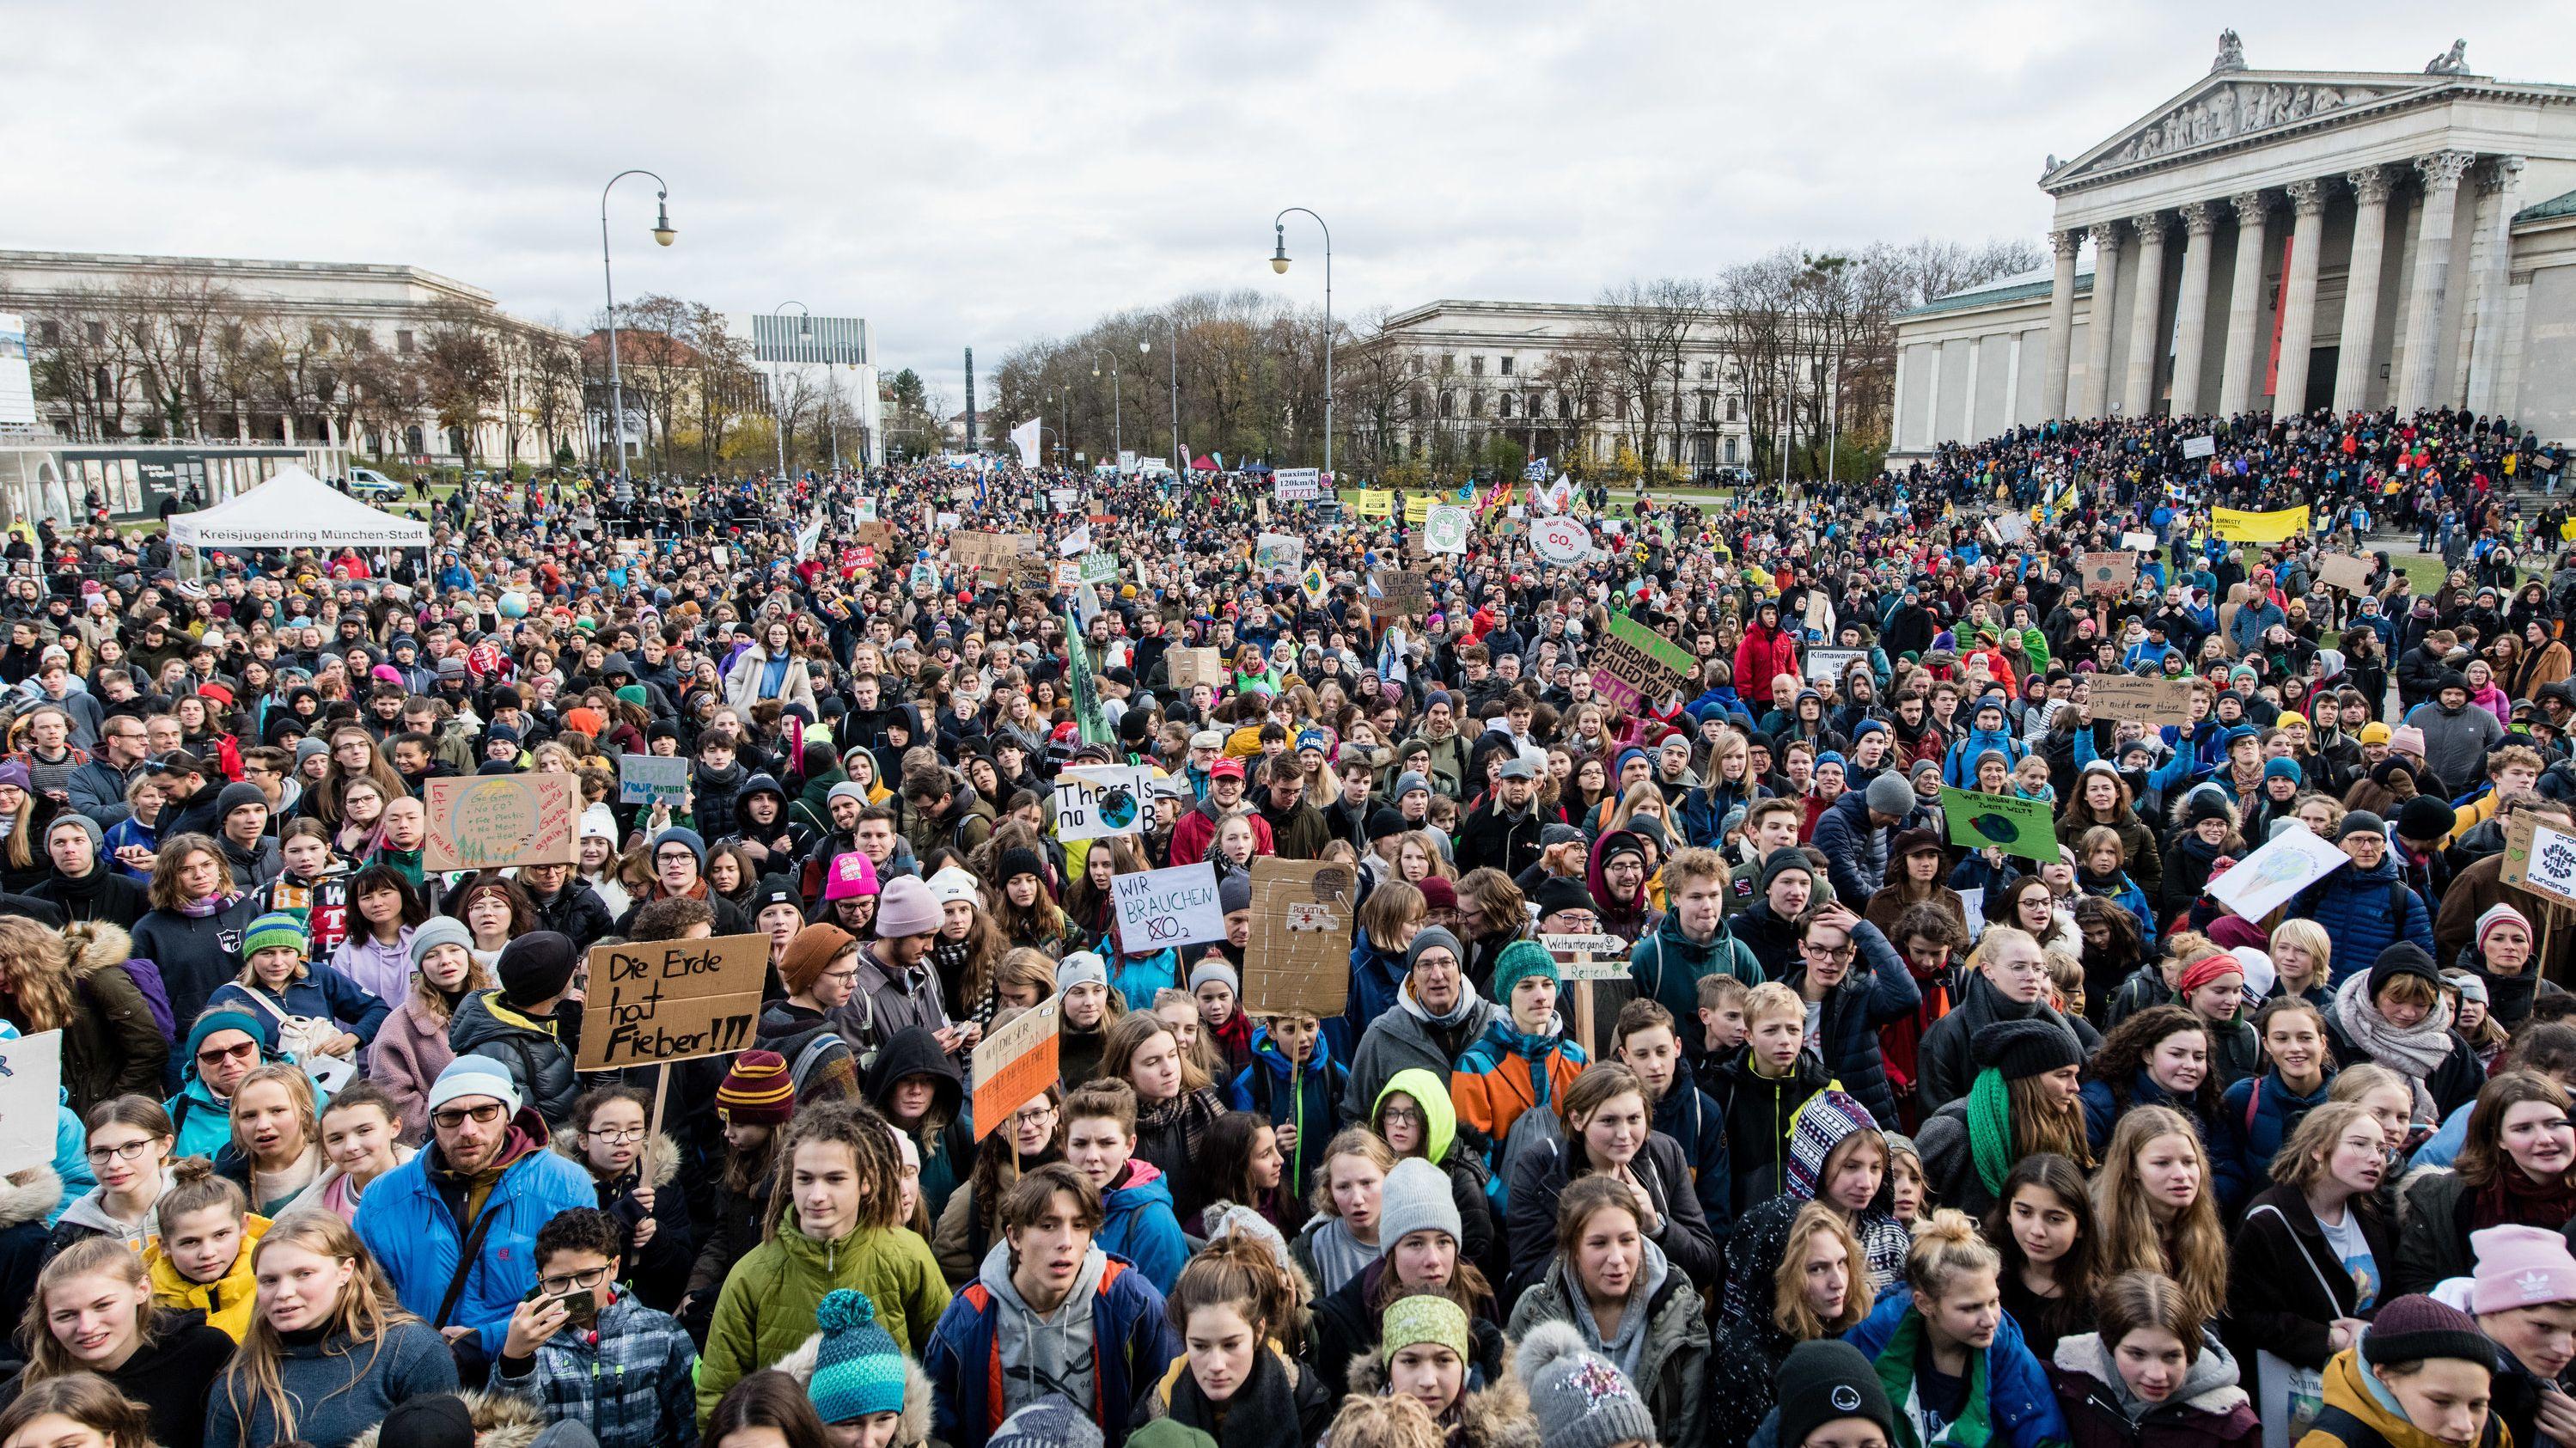 Tausende Teilnehmer der Fridays for Future Demonstration haben sich am 29.11.3019 am Münchner Königsplatz versammelt.